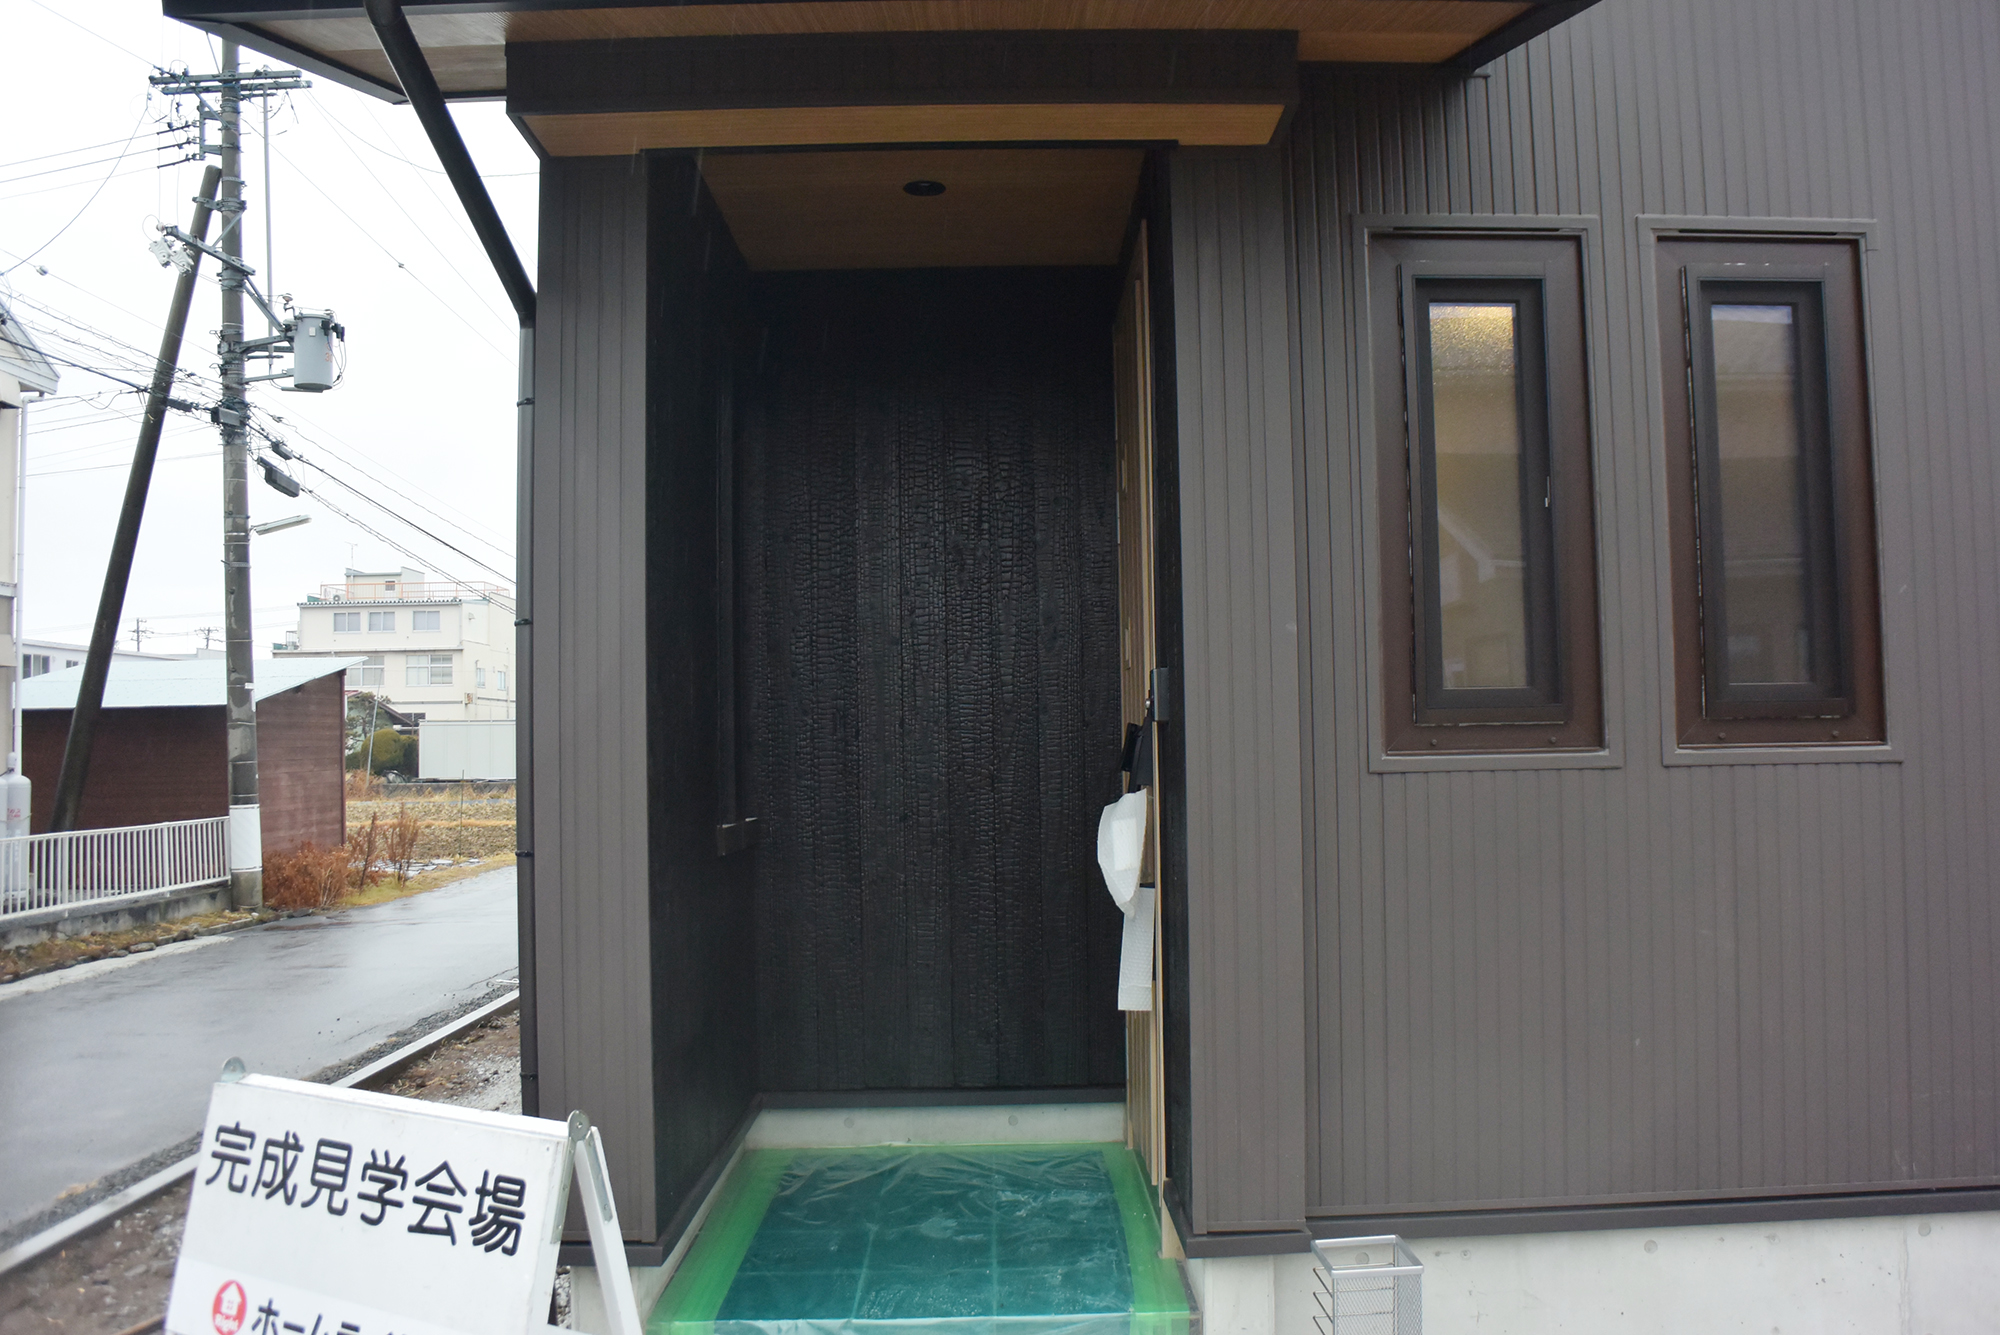 ゆったりとした玄関ポーチ。お客様を迎えるのに最適です。